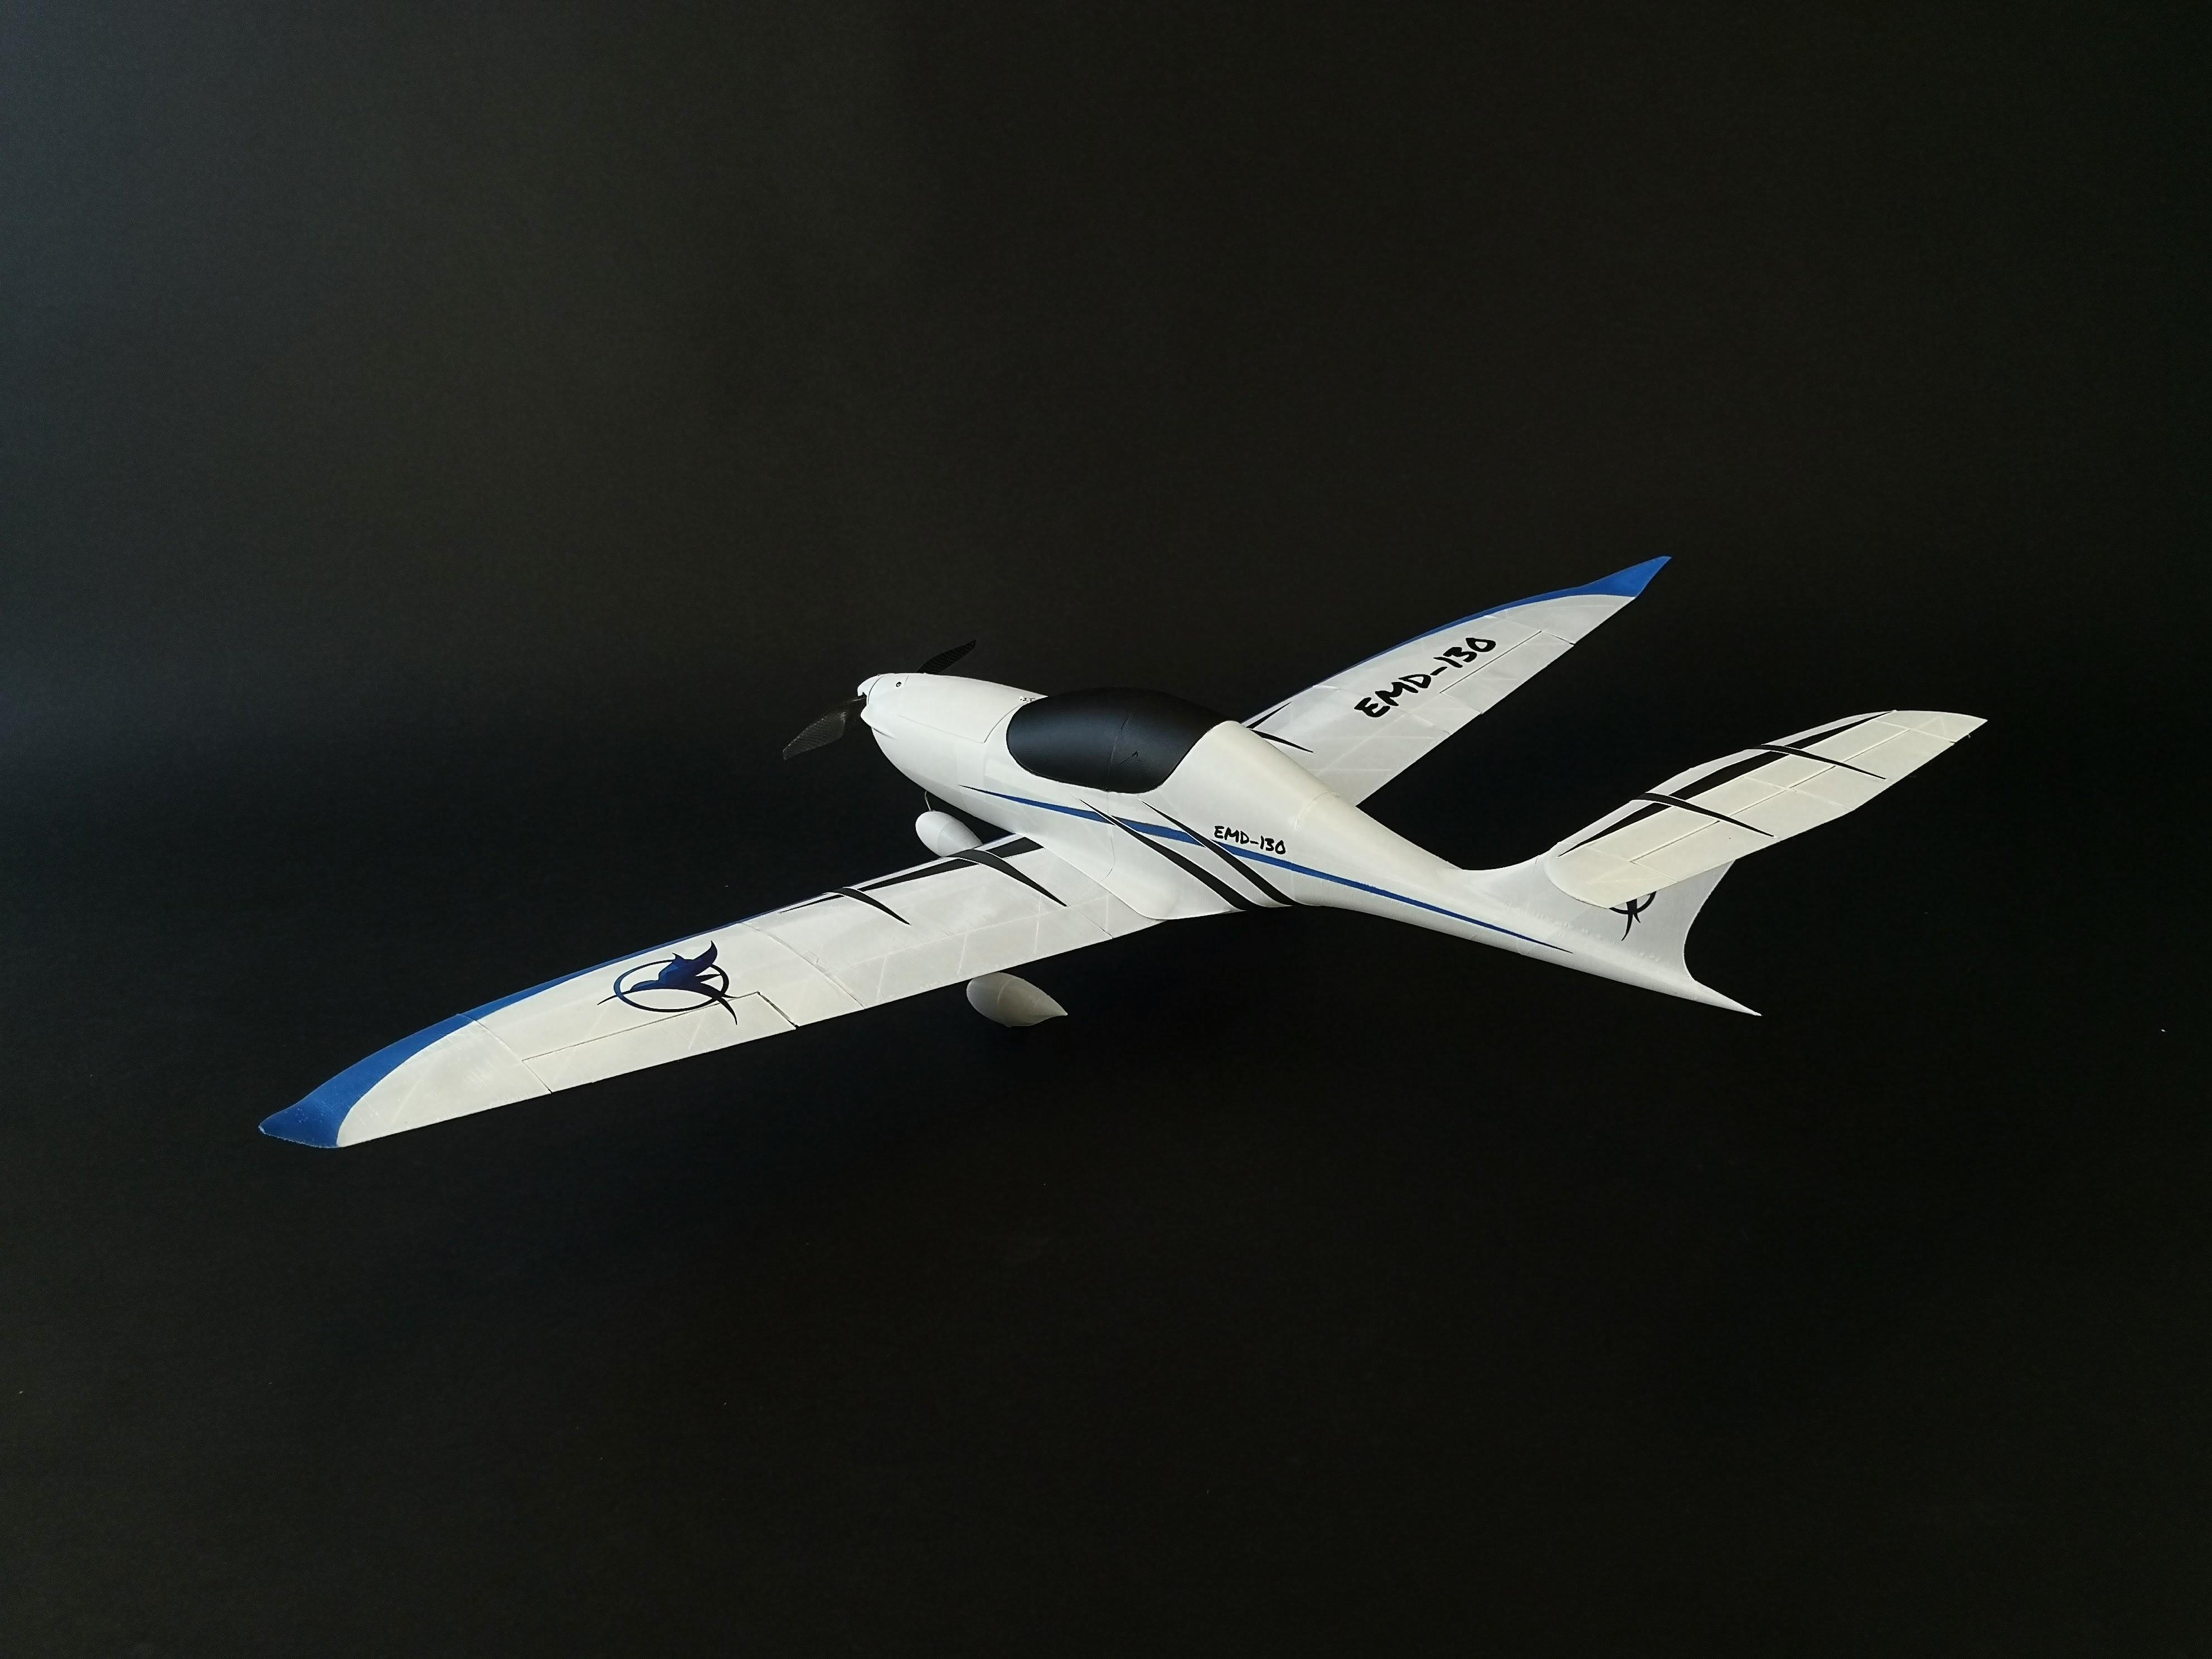 3D printed sport model